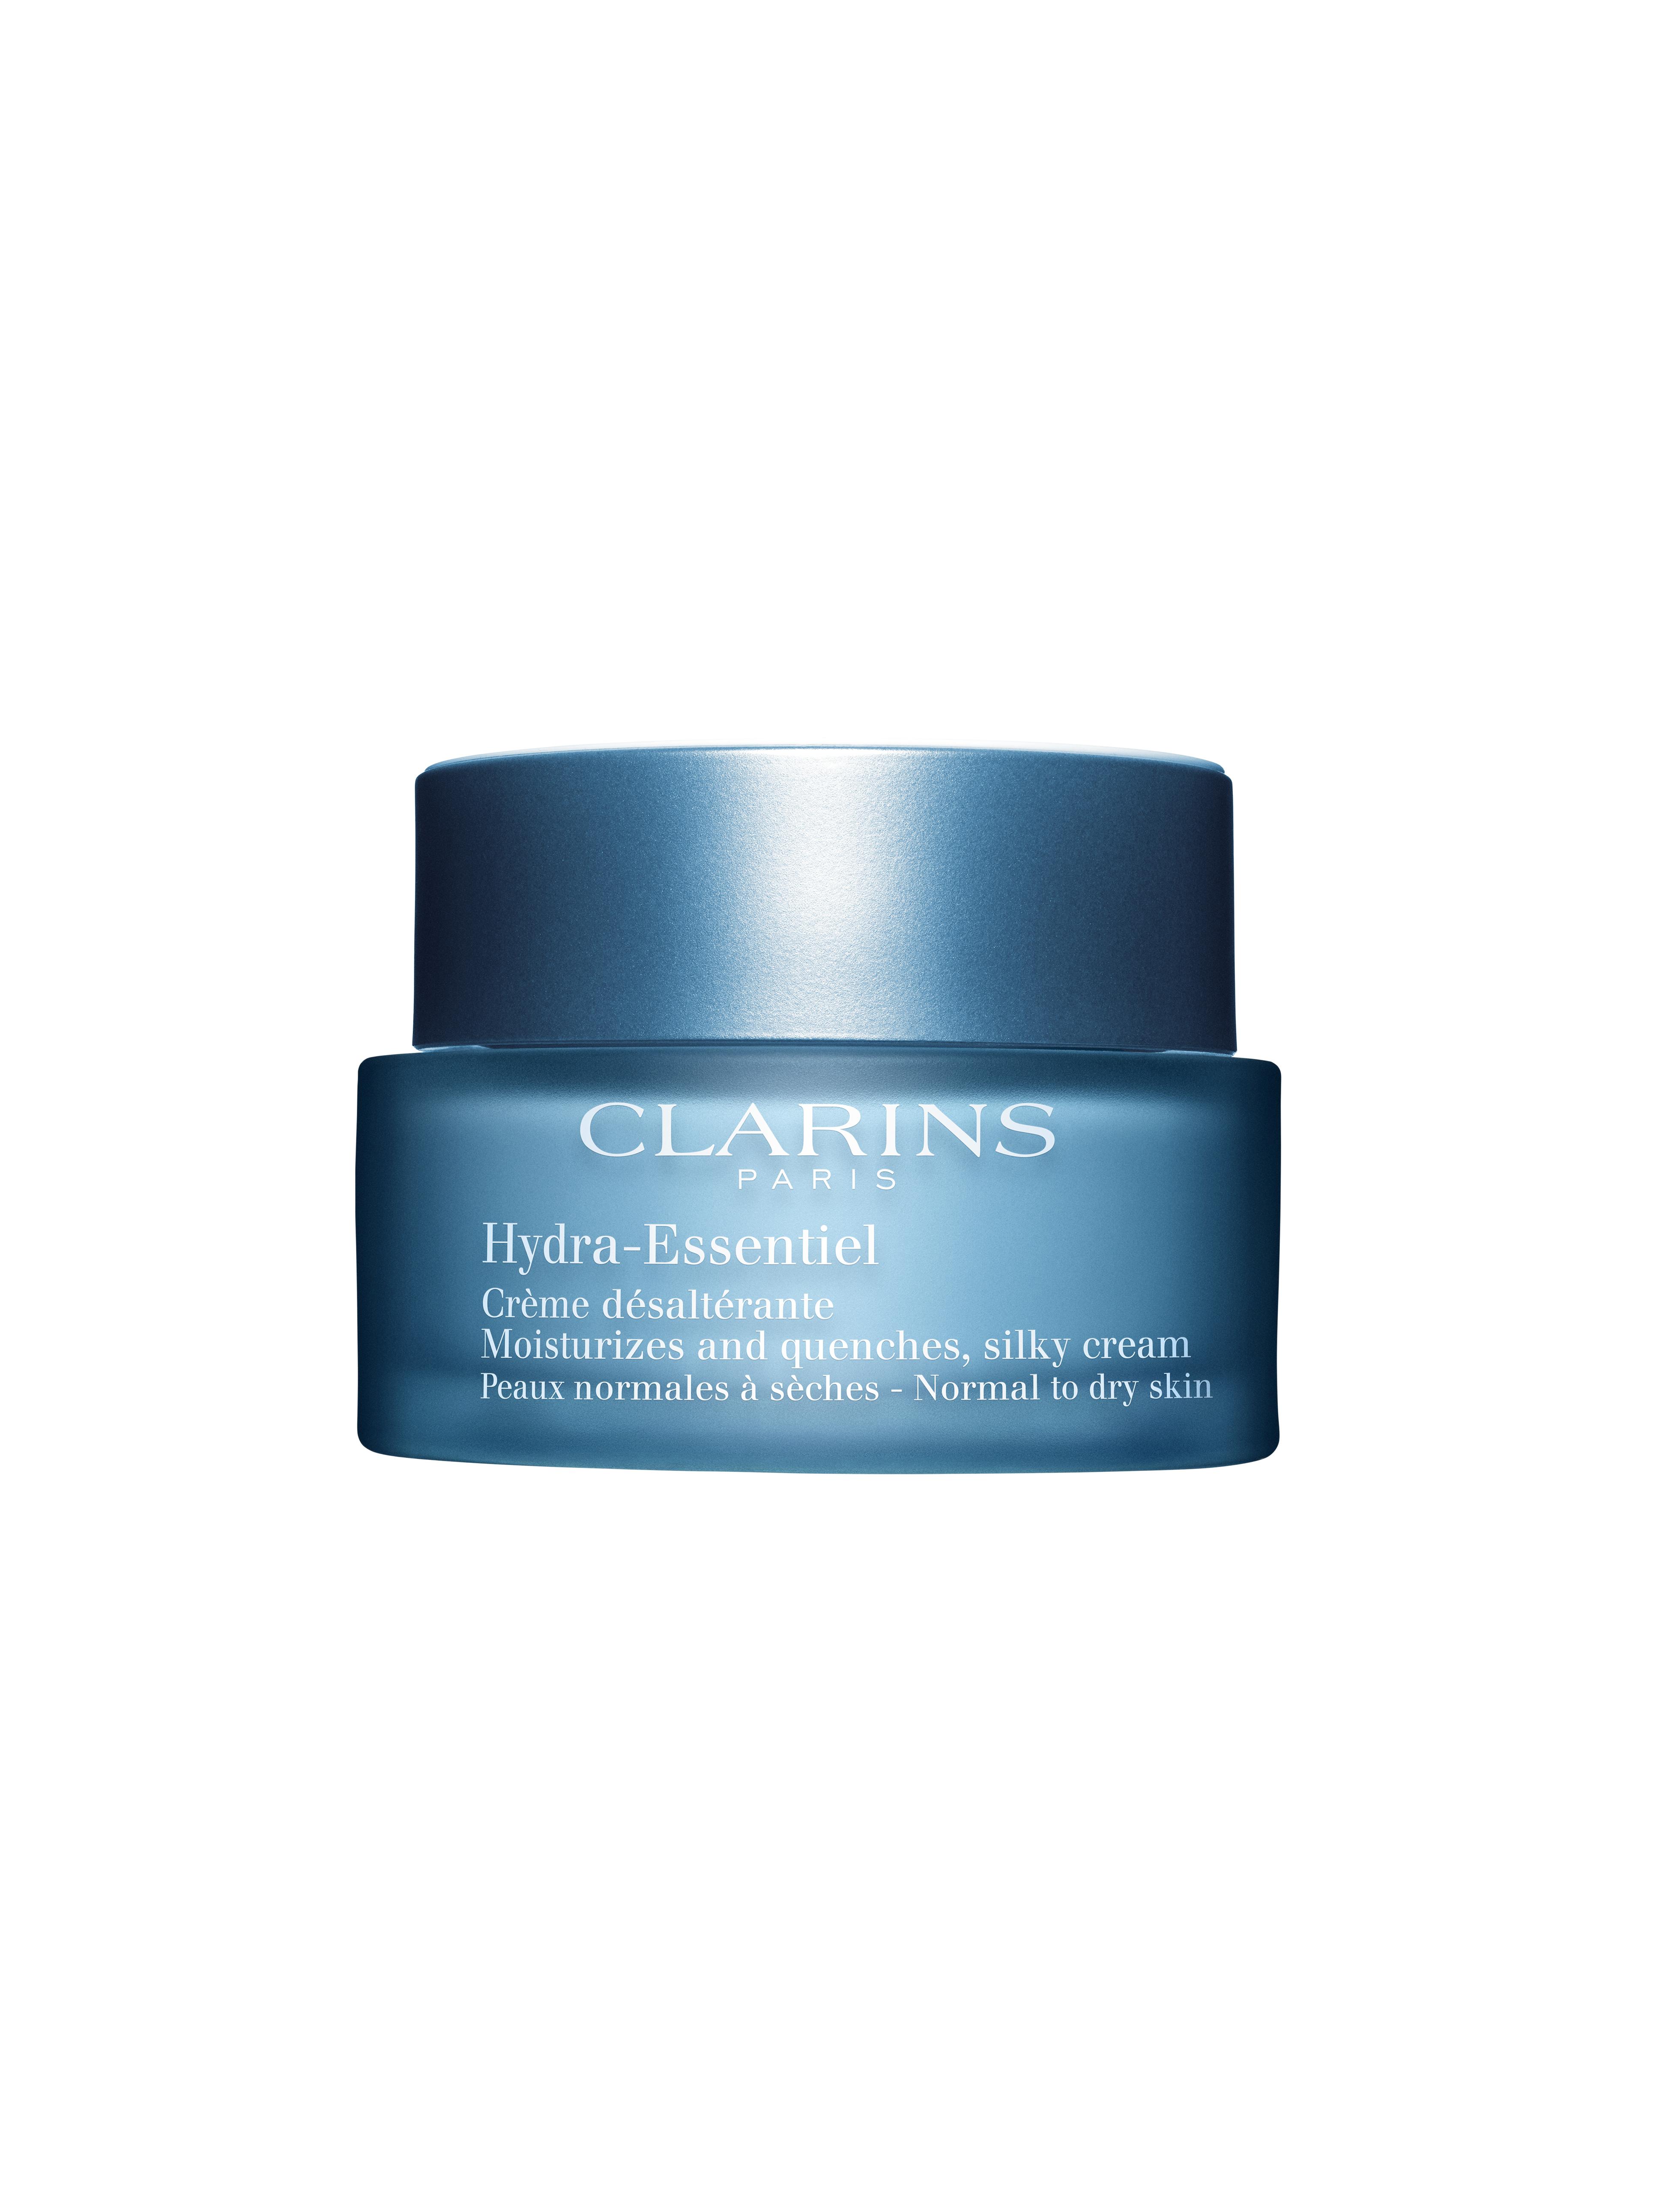 NEW! Clarins Hydra-Essentiel Silky Cream